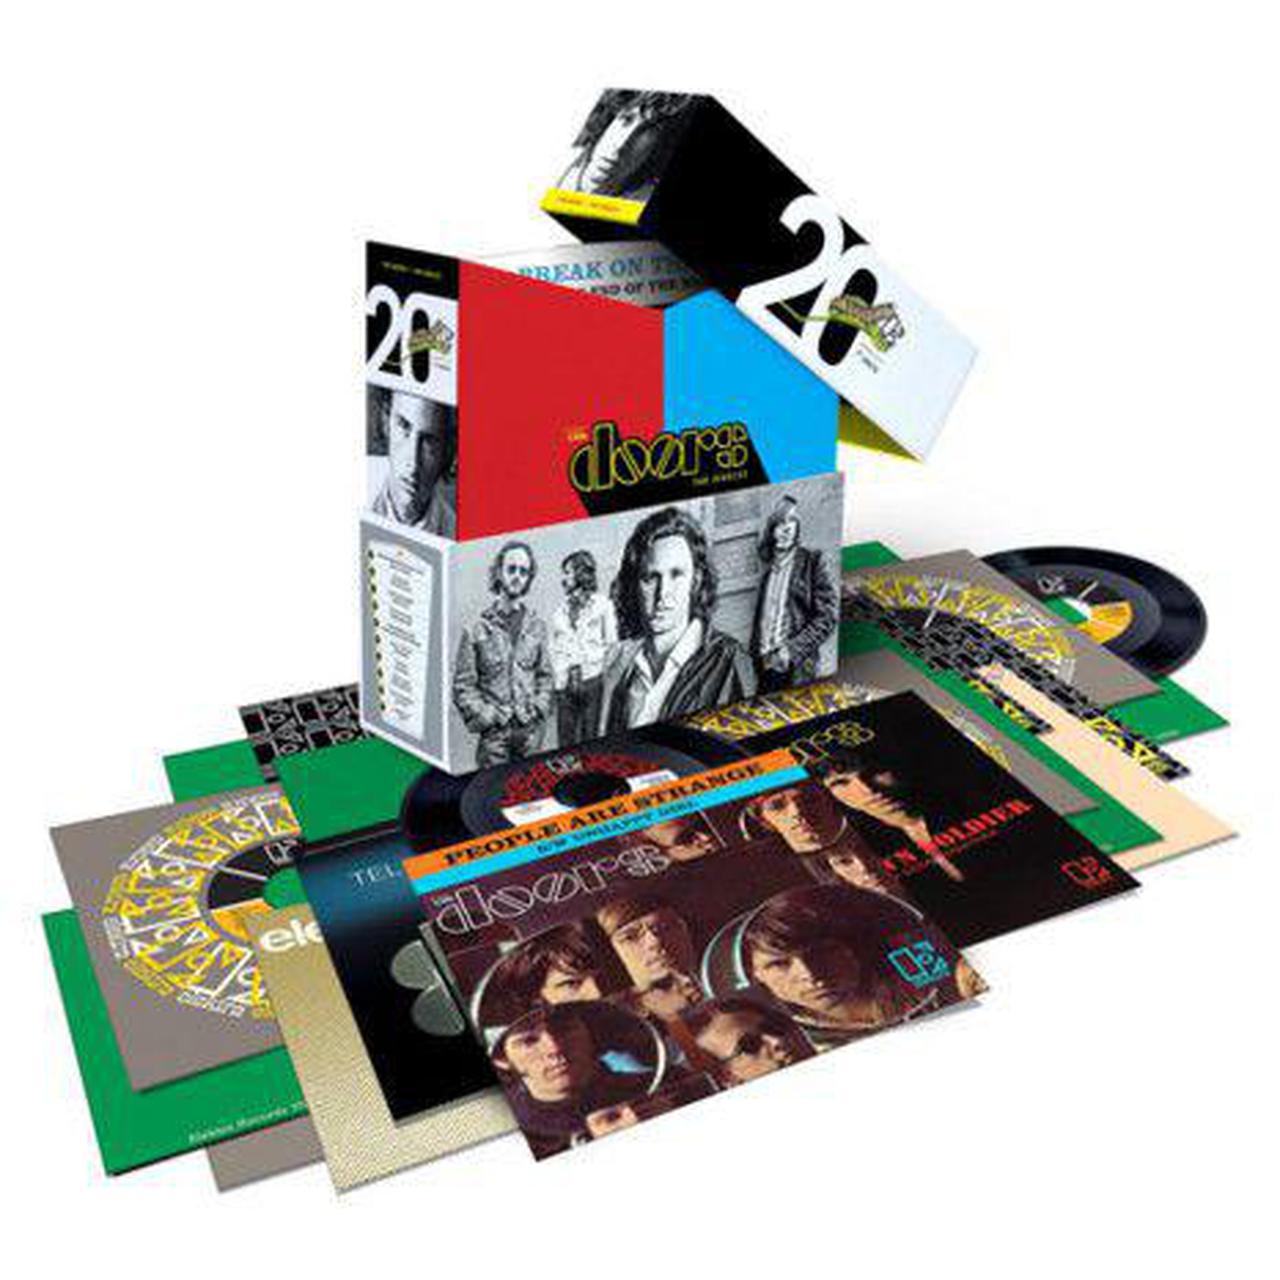 The Doors Quot Singles Quot 20 7 Quot Vinyl Records Limited Edition